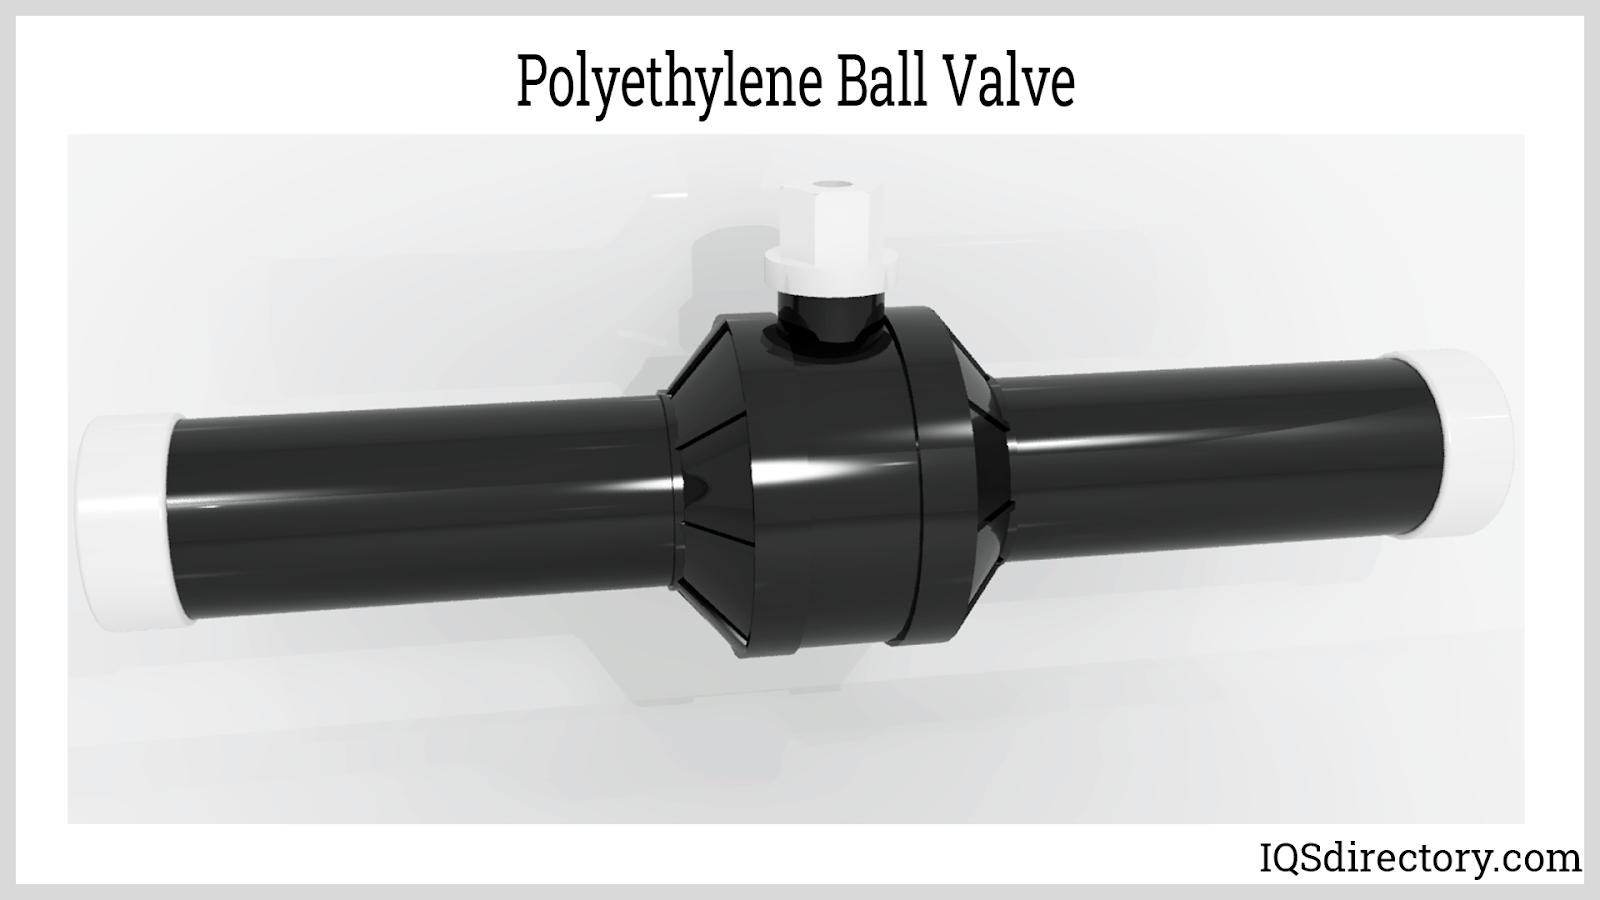 Polyethylene Ball Valve